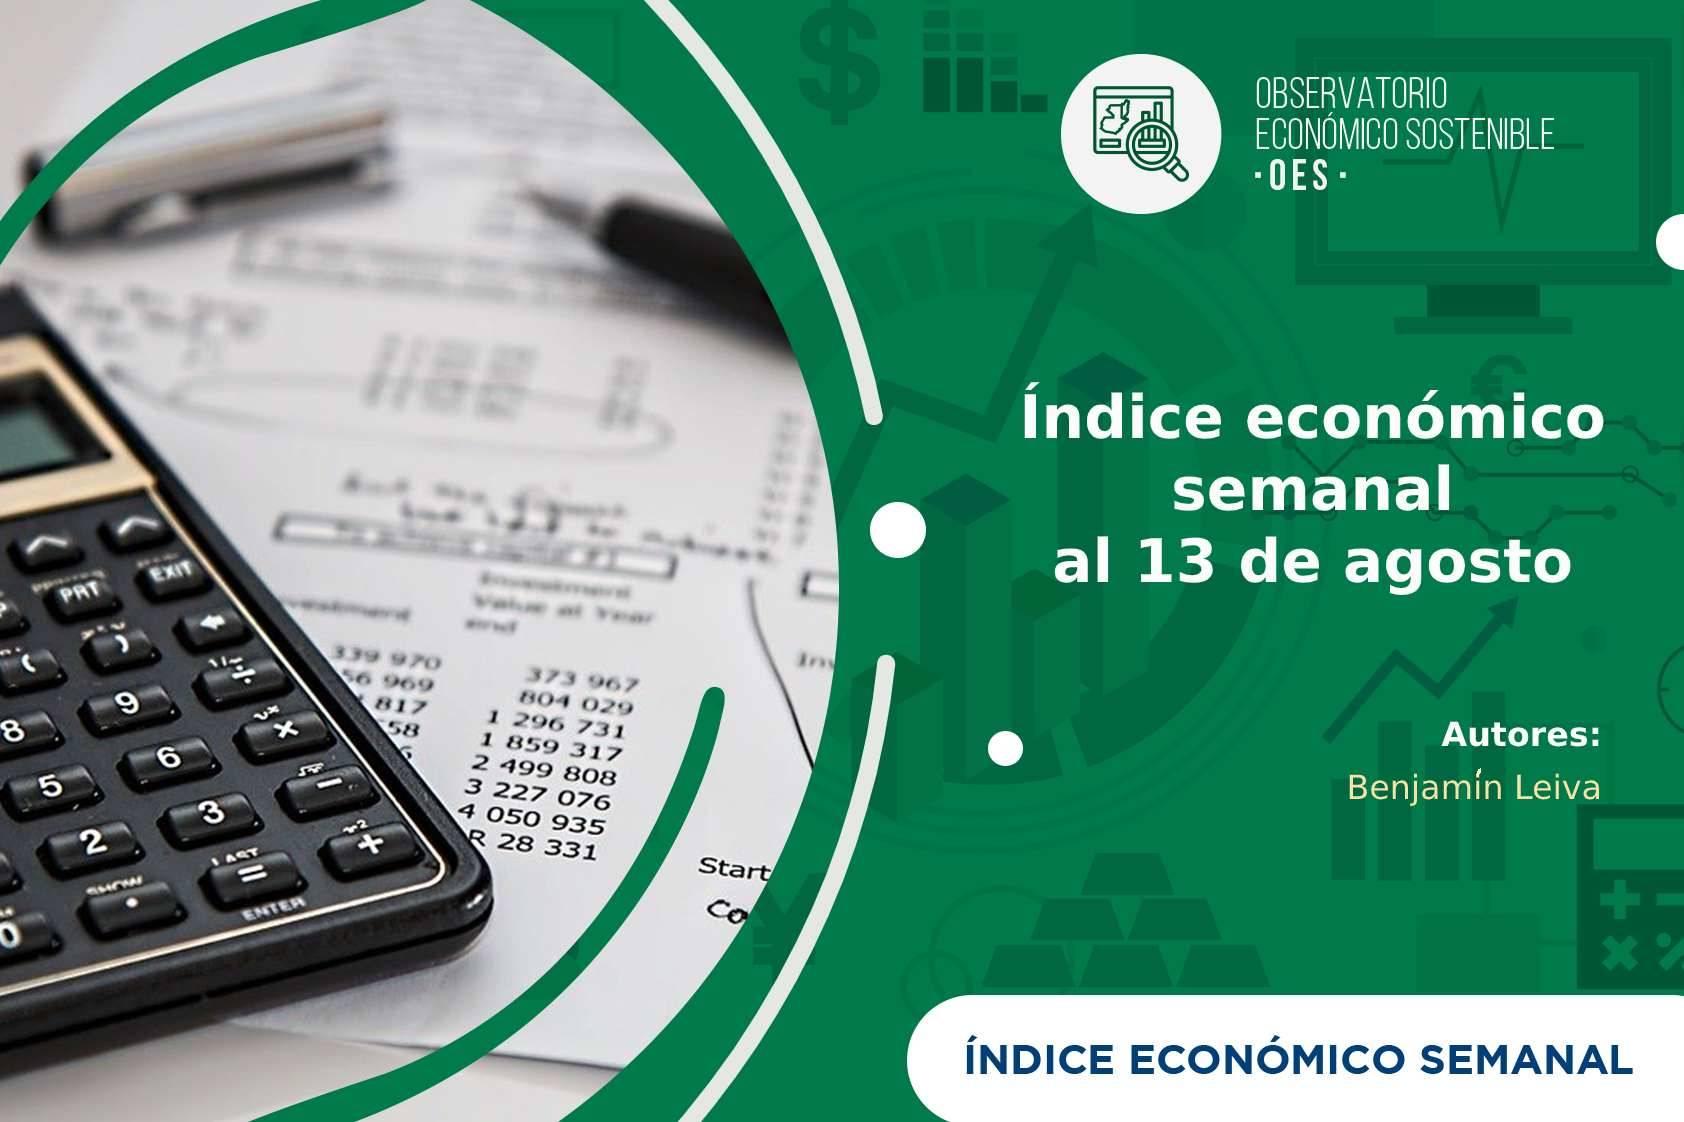 Índice económico semanal al 13 de agosto